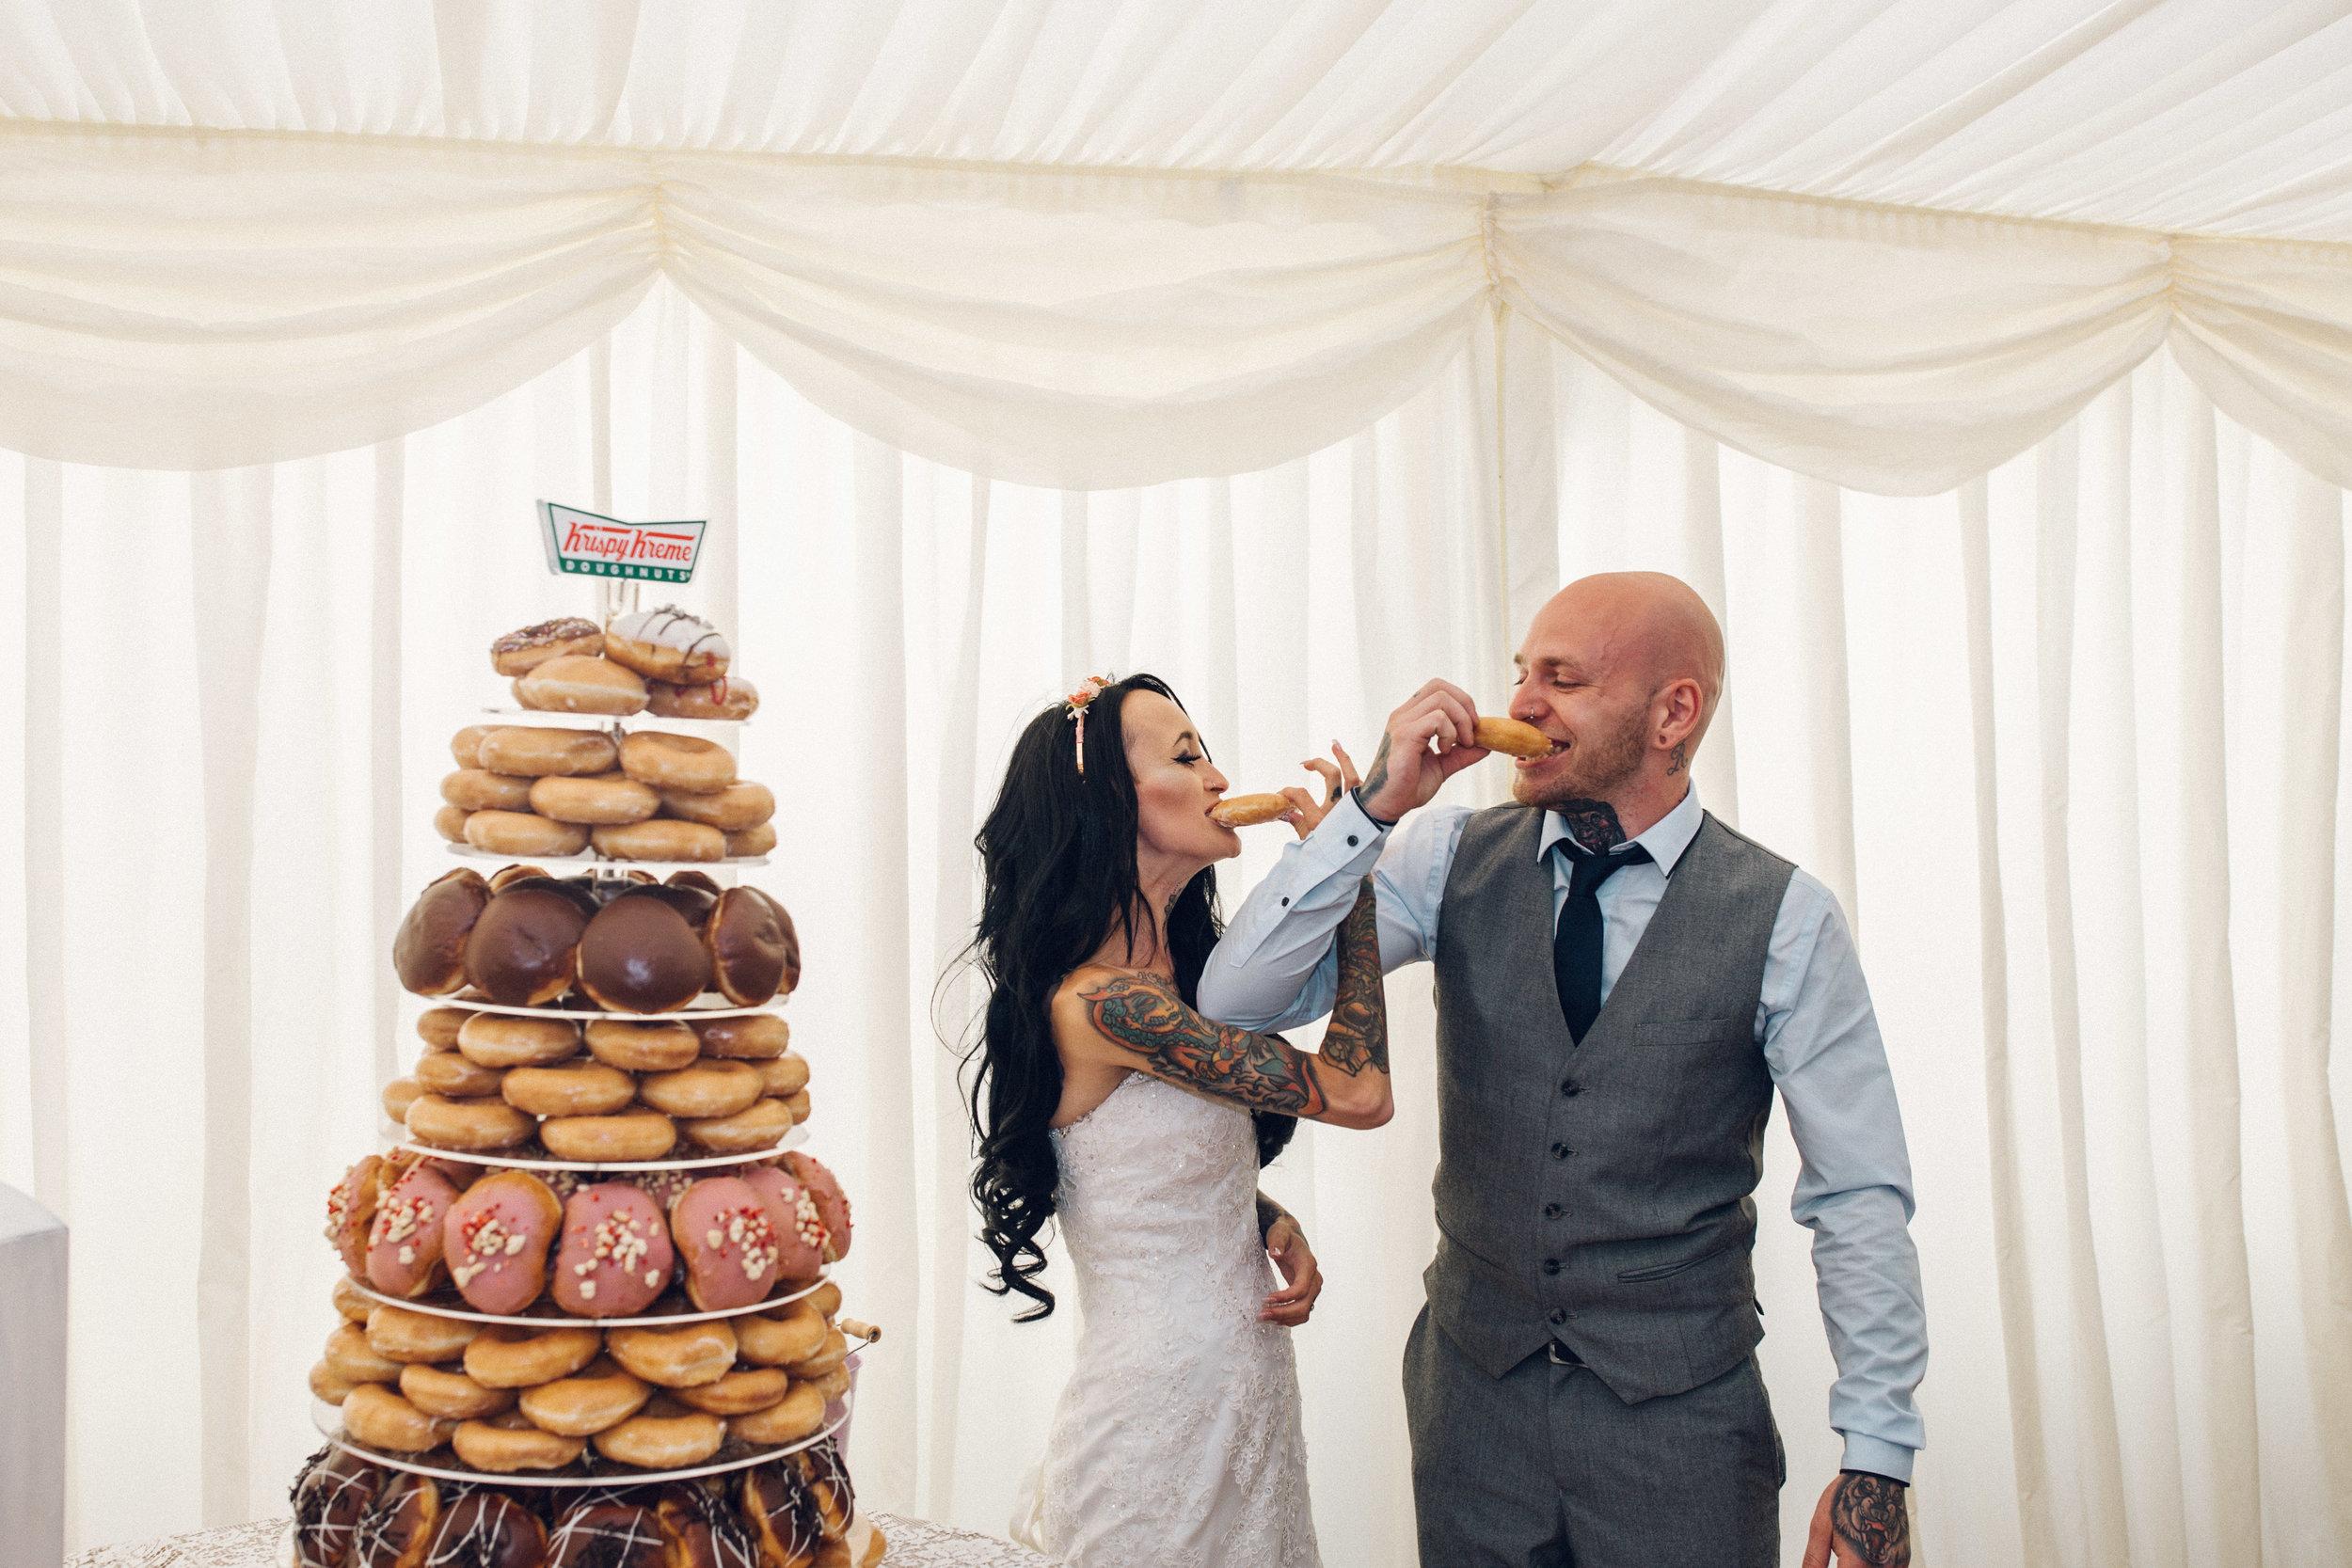 Krispy Kreme UK wedding doughnut cake Zinnia Garden, Banstead, Surrey wedding photographer